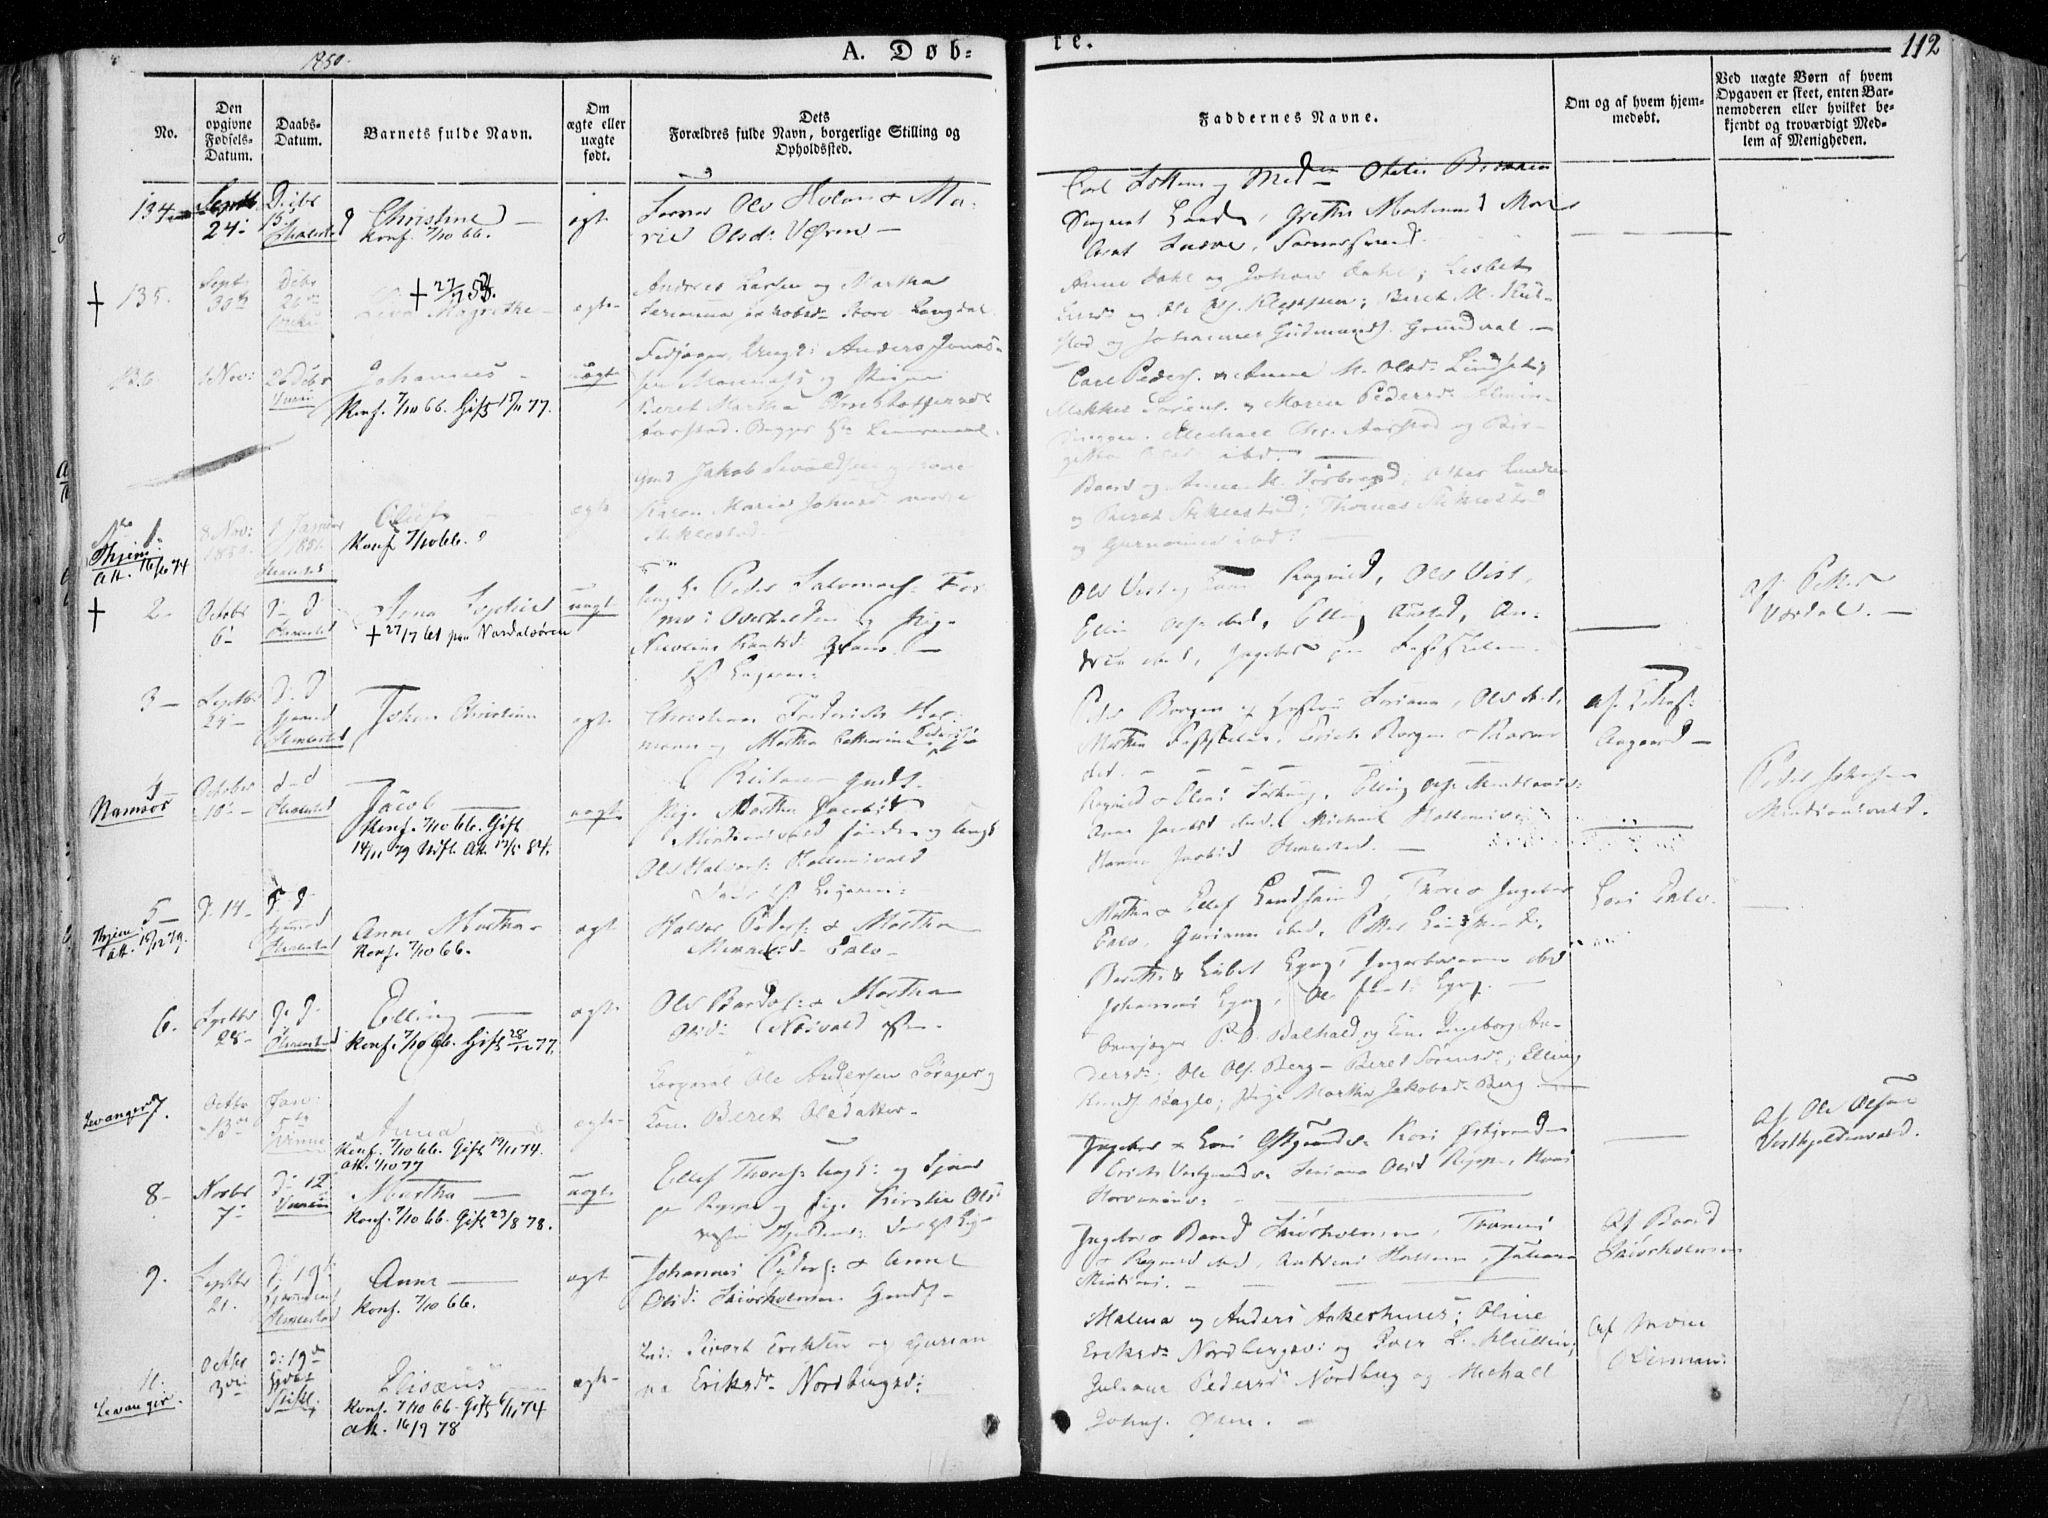 SAT, Ministerialprotokoller, klokkerbøker og fødselsregistre - Nord-Trøndelag, 723/L0239: Ministerialbok nr. 723A08, 1841-1851, s. 112